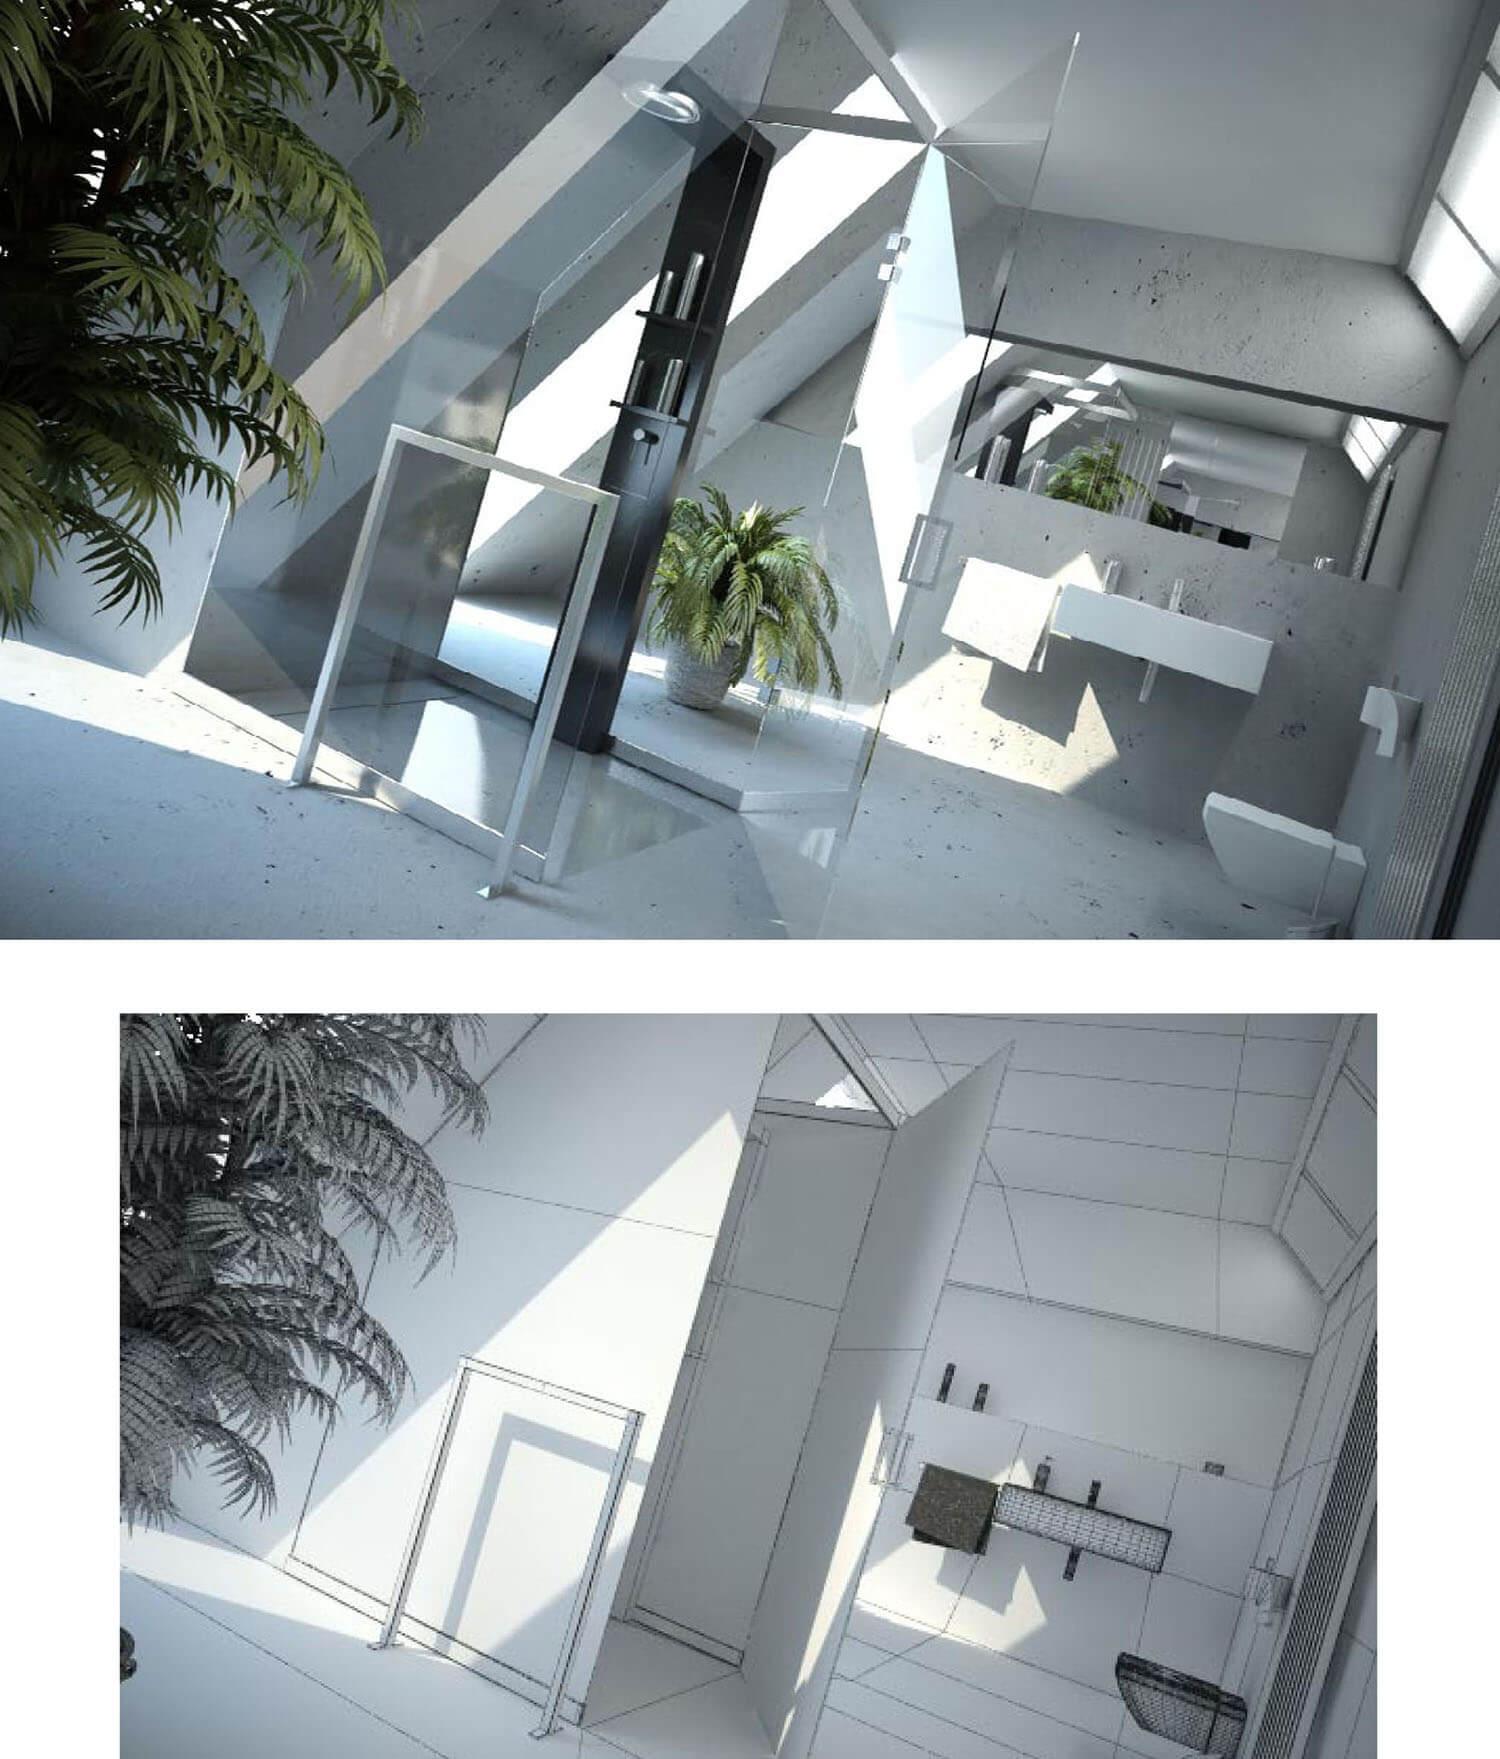 Thiết kế phòng tắm đẹp với ánh sáng thiên nhiên cây xanh và vách kính